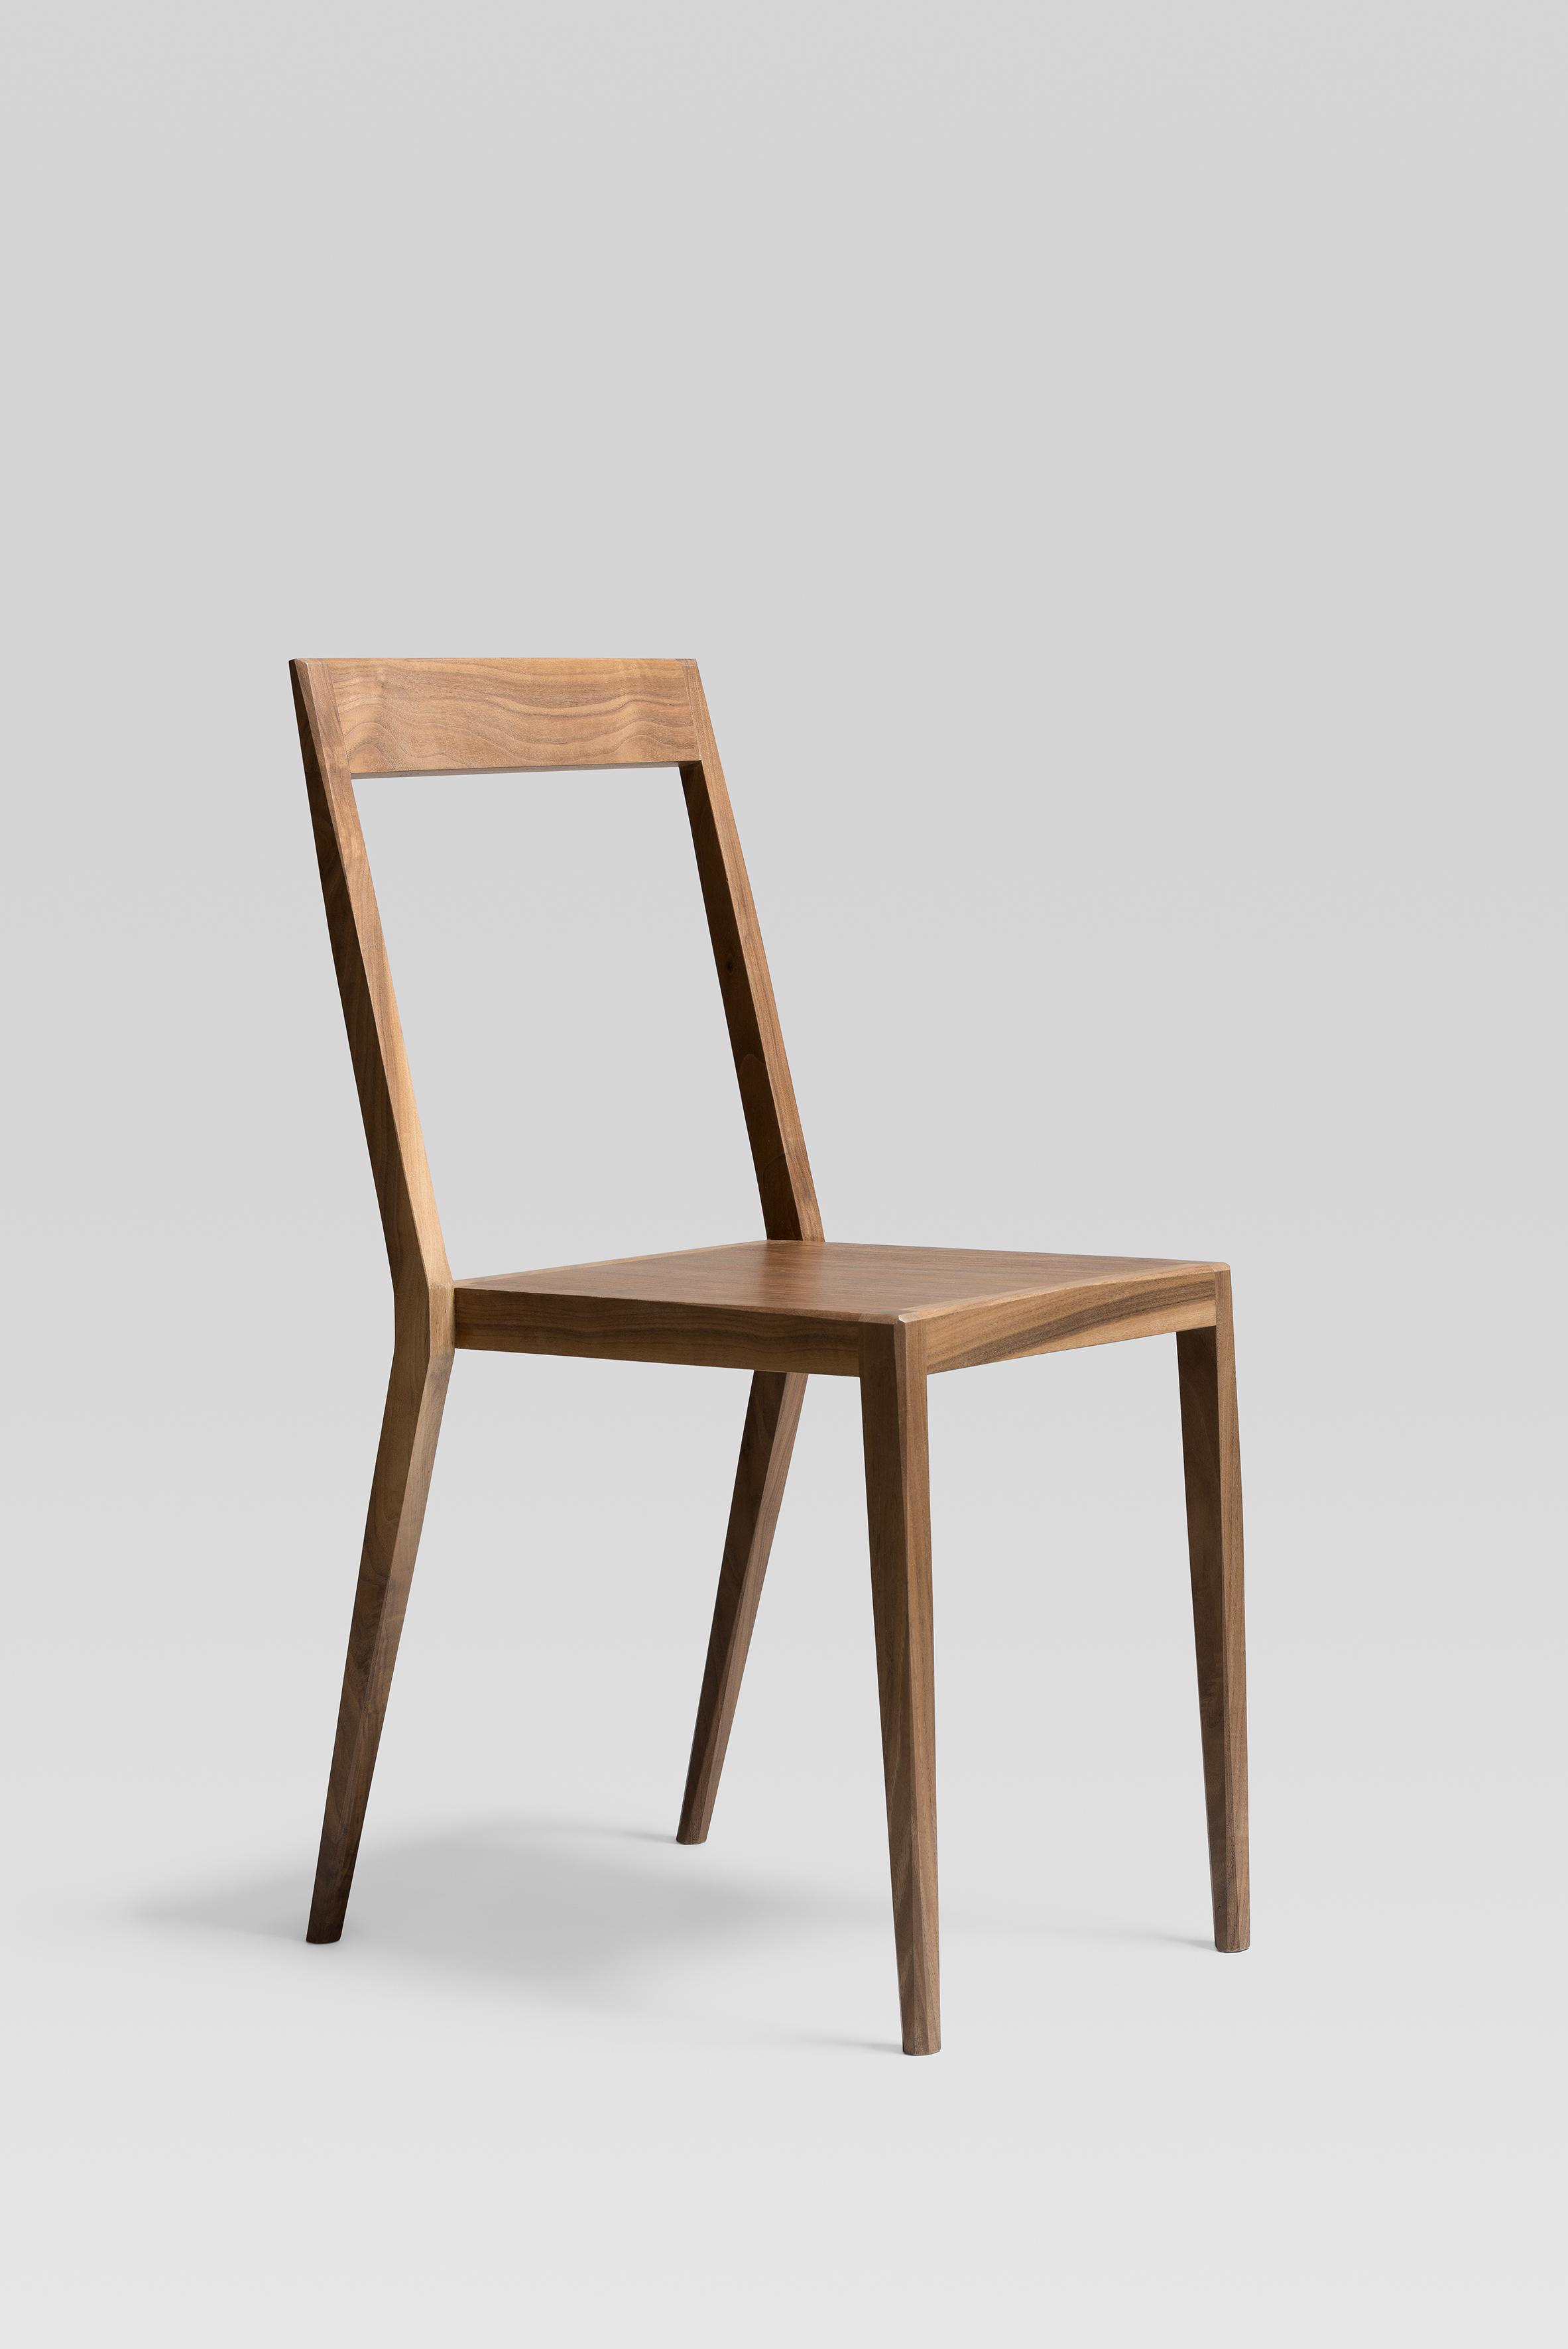 chair C01 x Natan